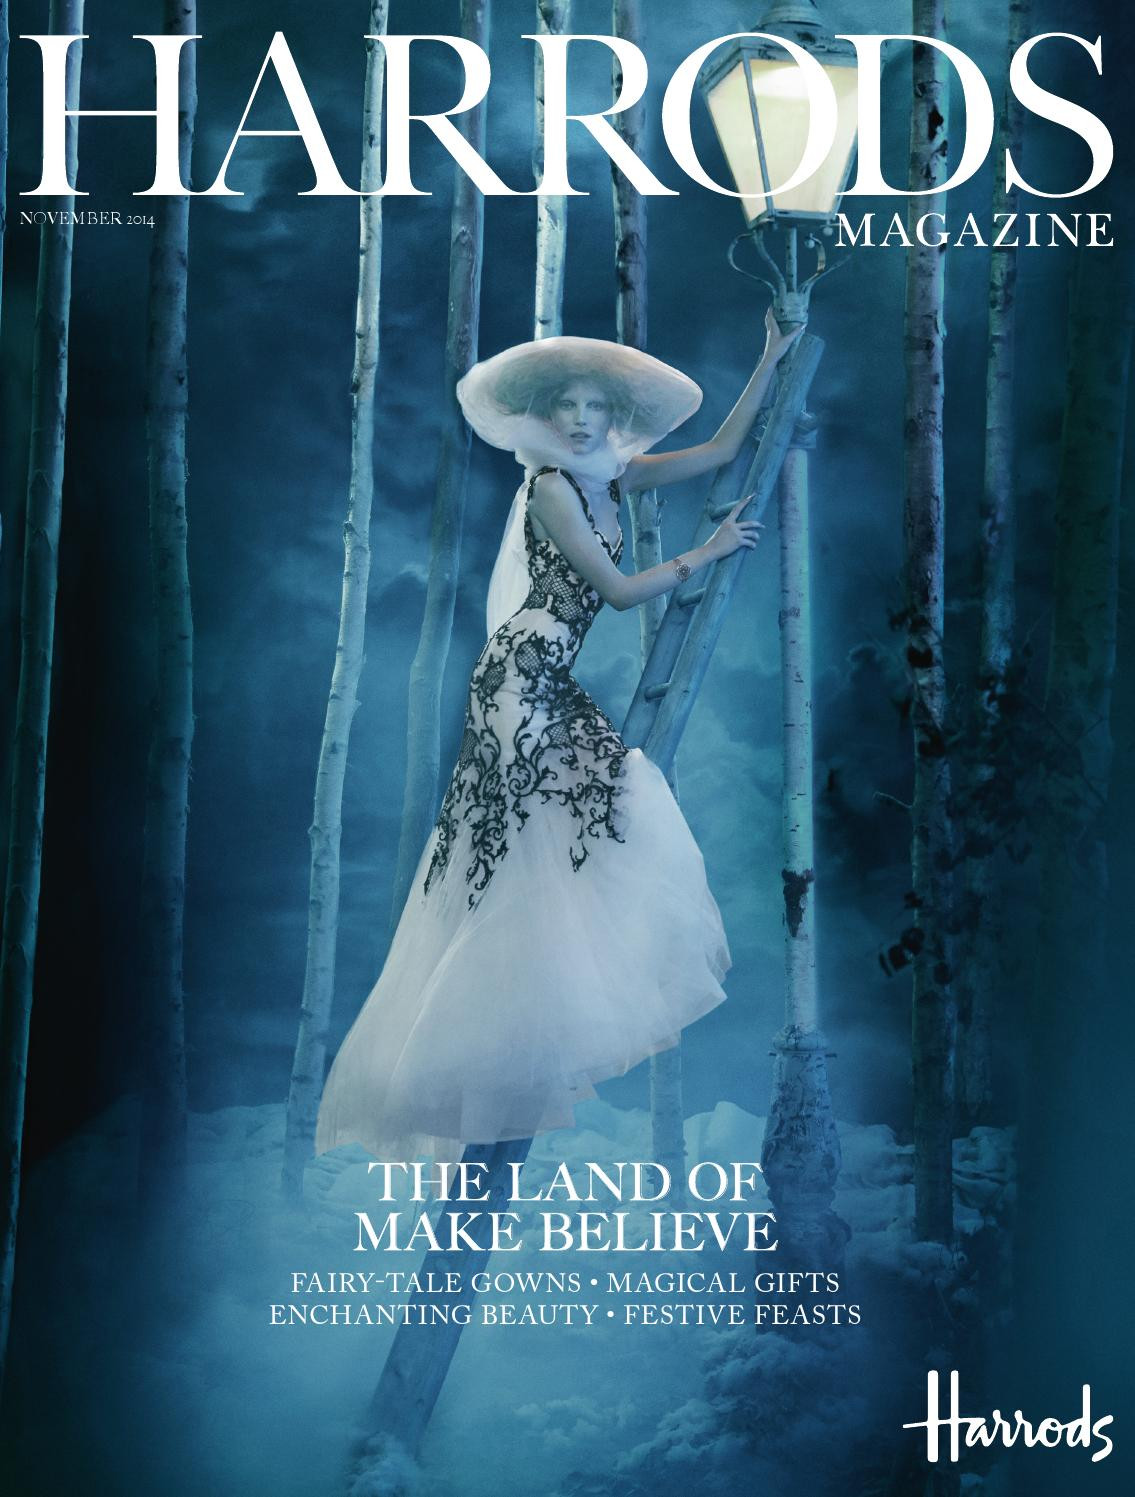 Harrods Magazine Nov 2014.jpg